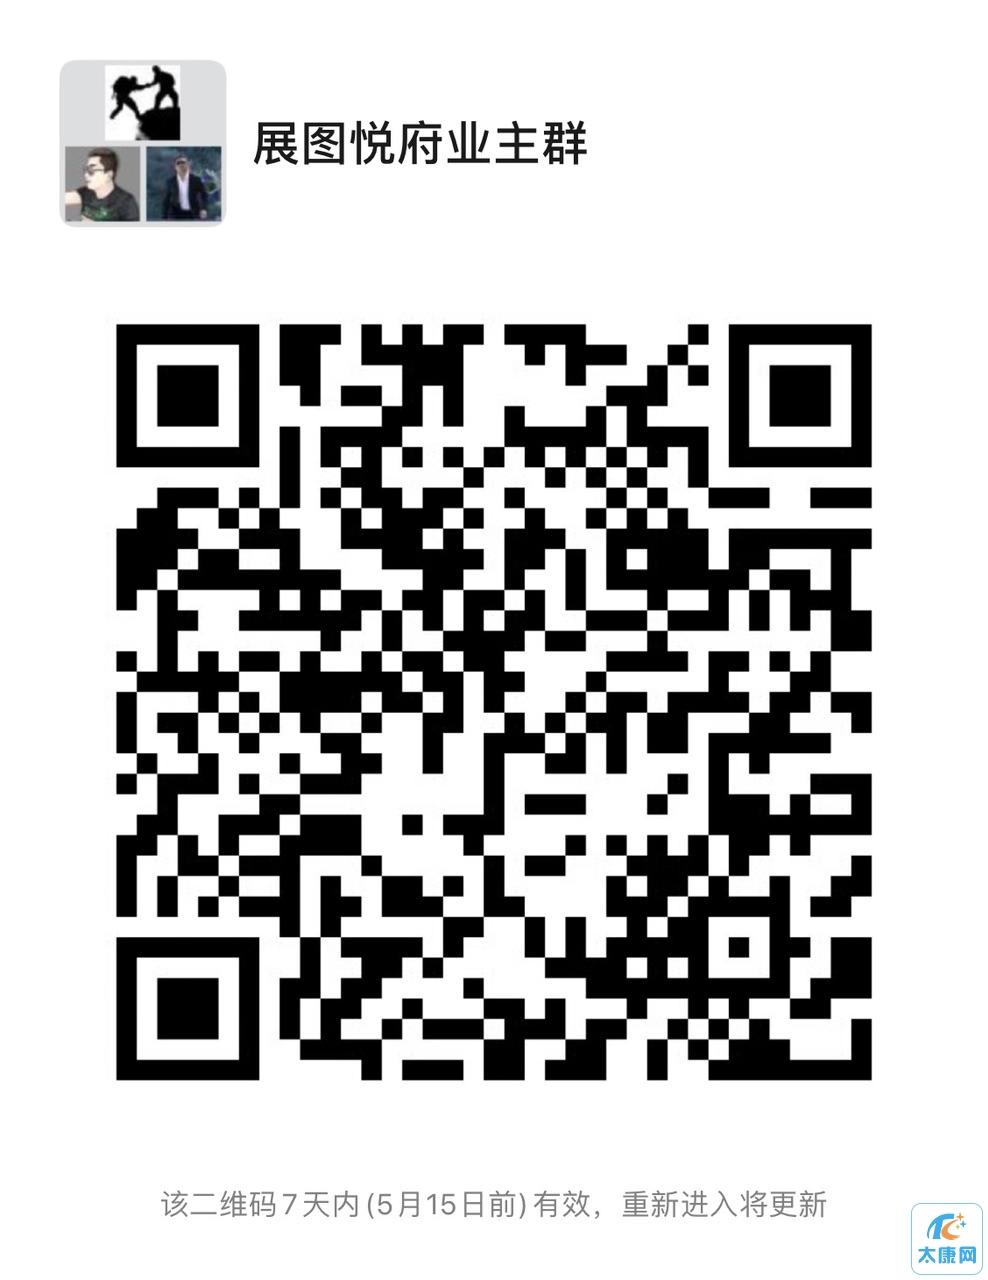 Fm3aYcCNPWg_r7h88aB06ShmxXLi.jpg